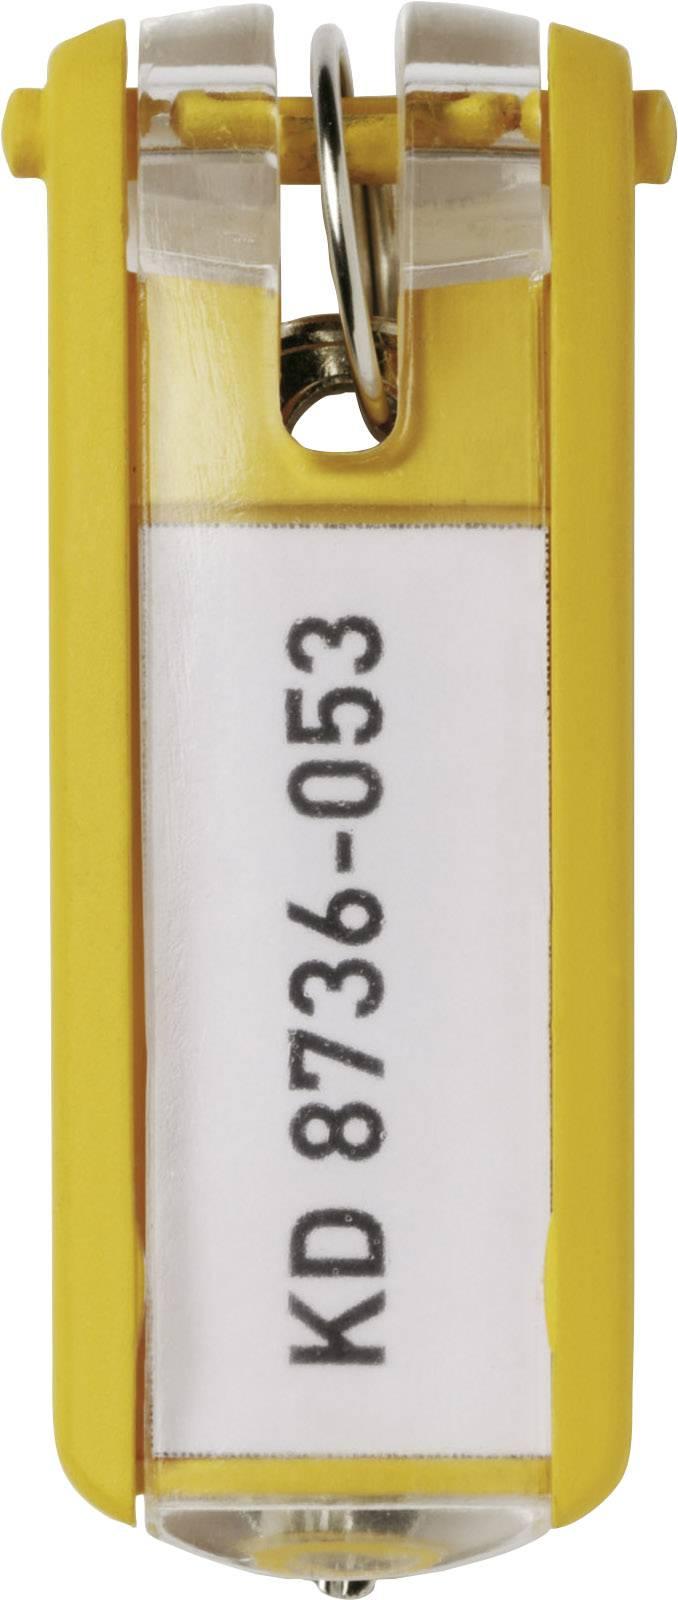 Věšák na klíče 6 ks žlutá